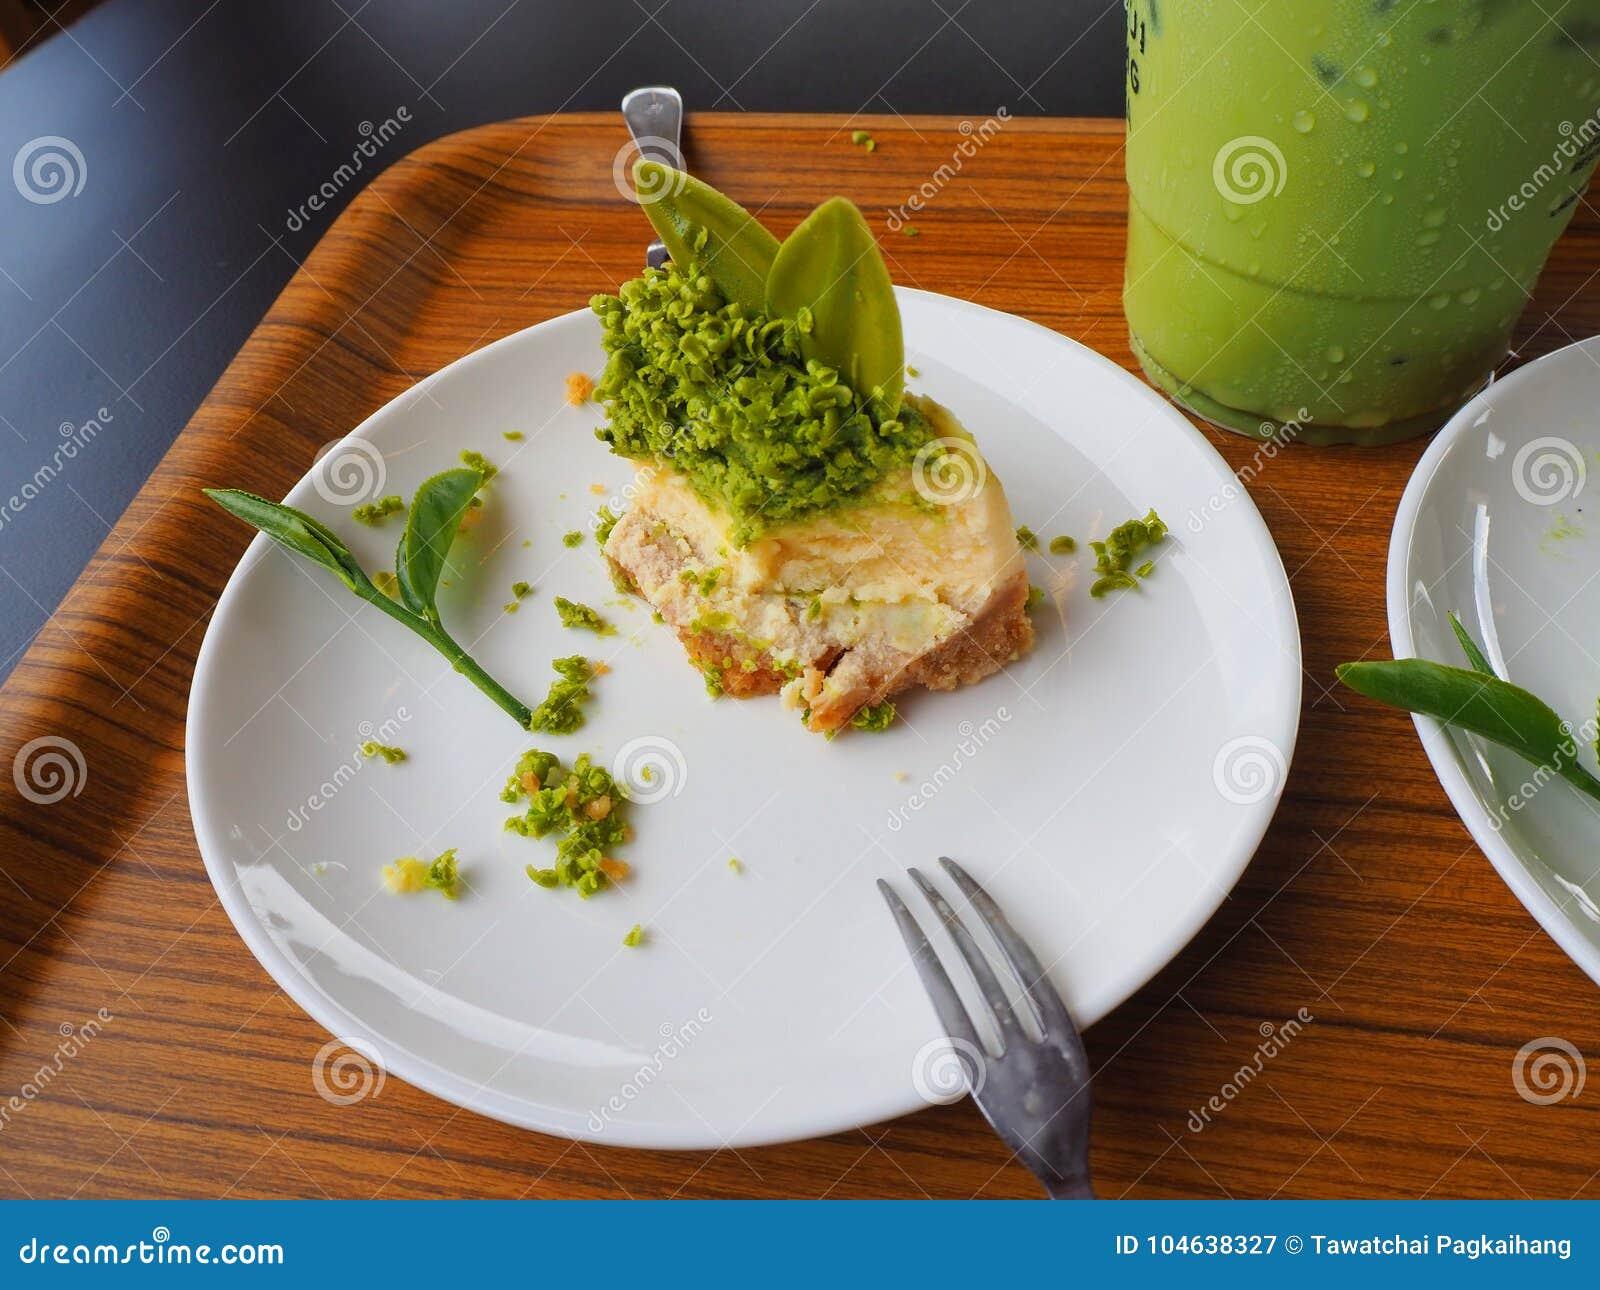 Download Groene cake stock afbeelding. Afbeelding bestaande uit plak - 104638327